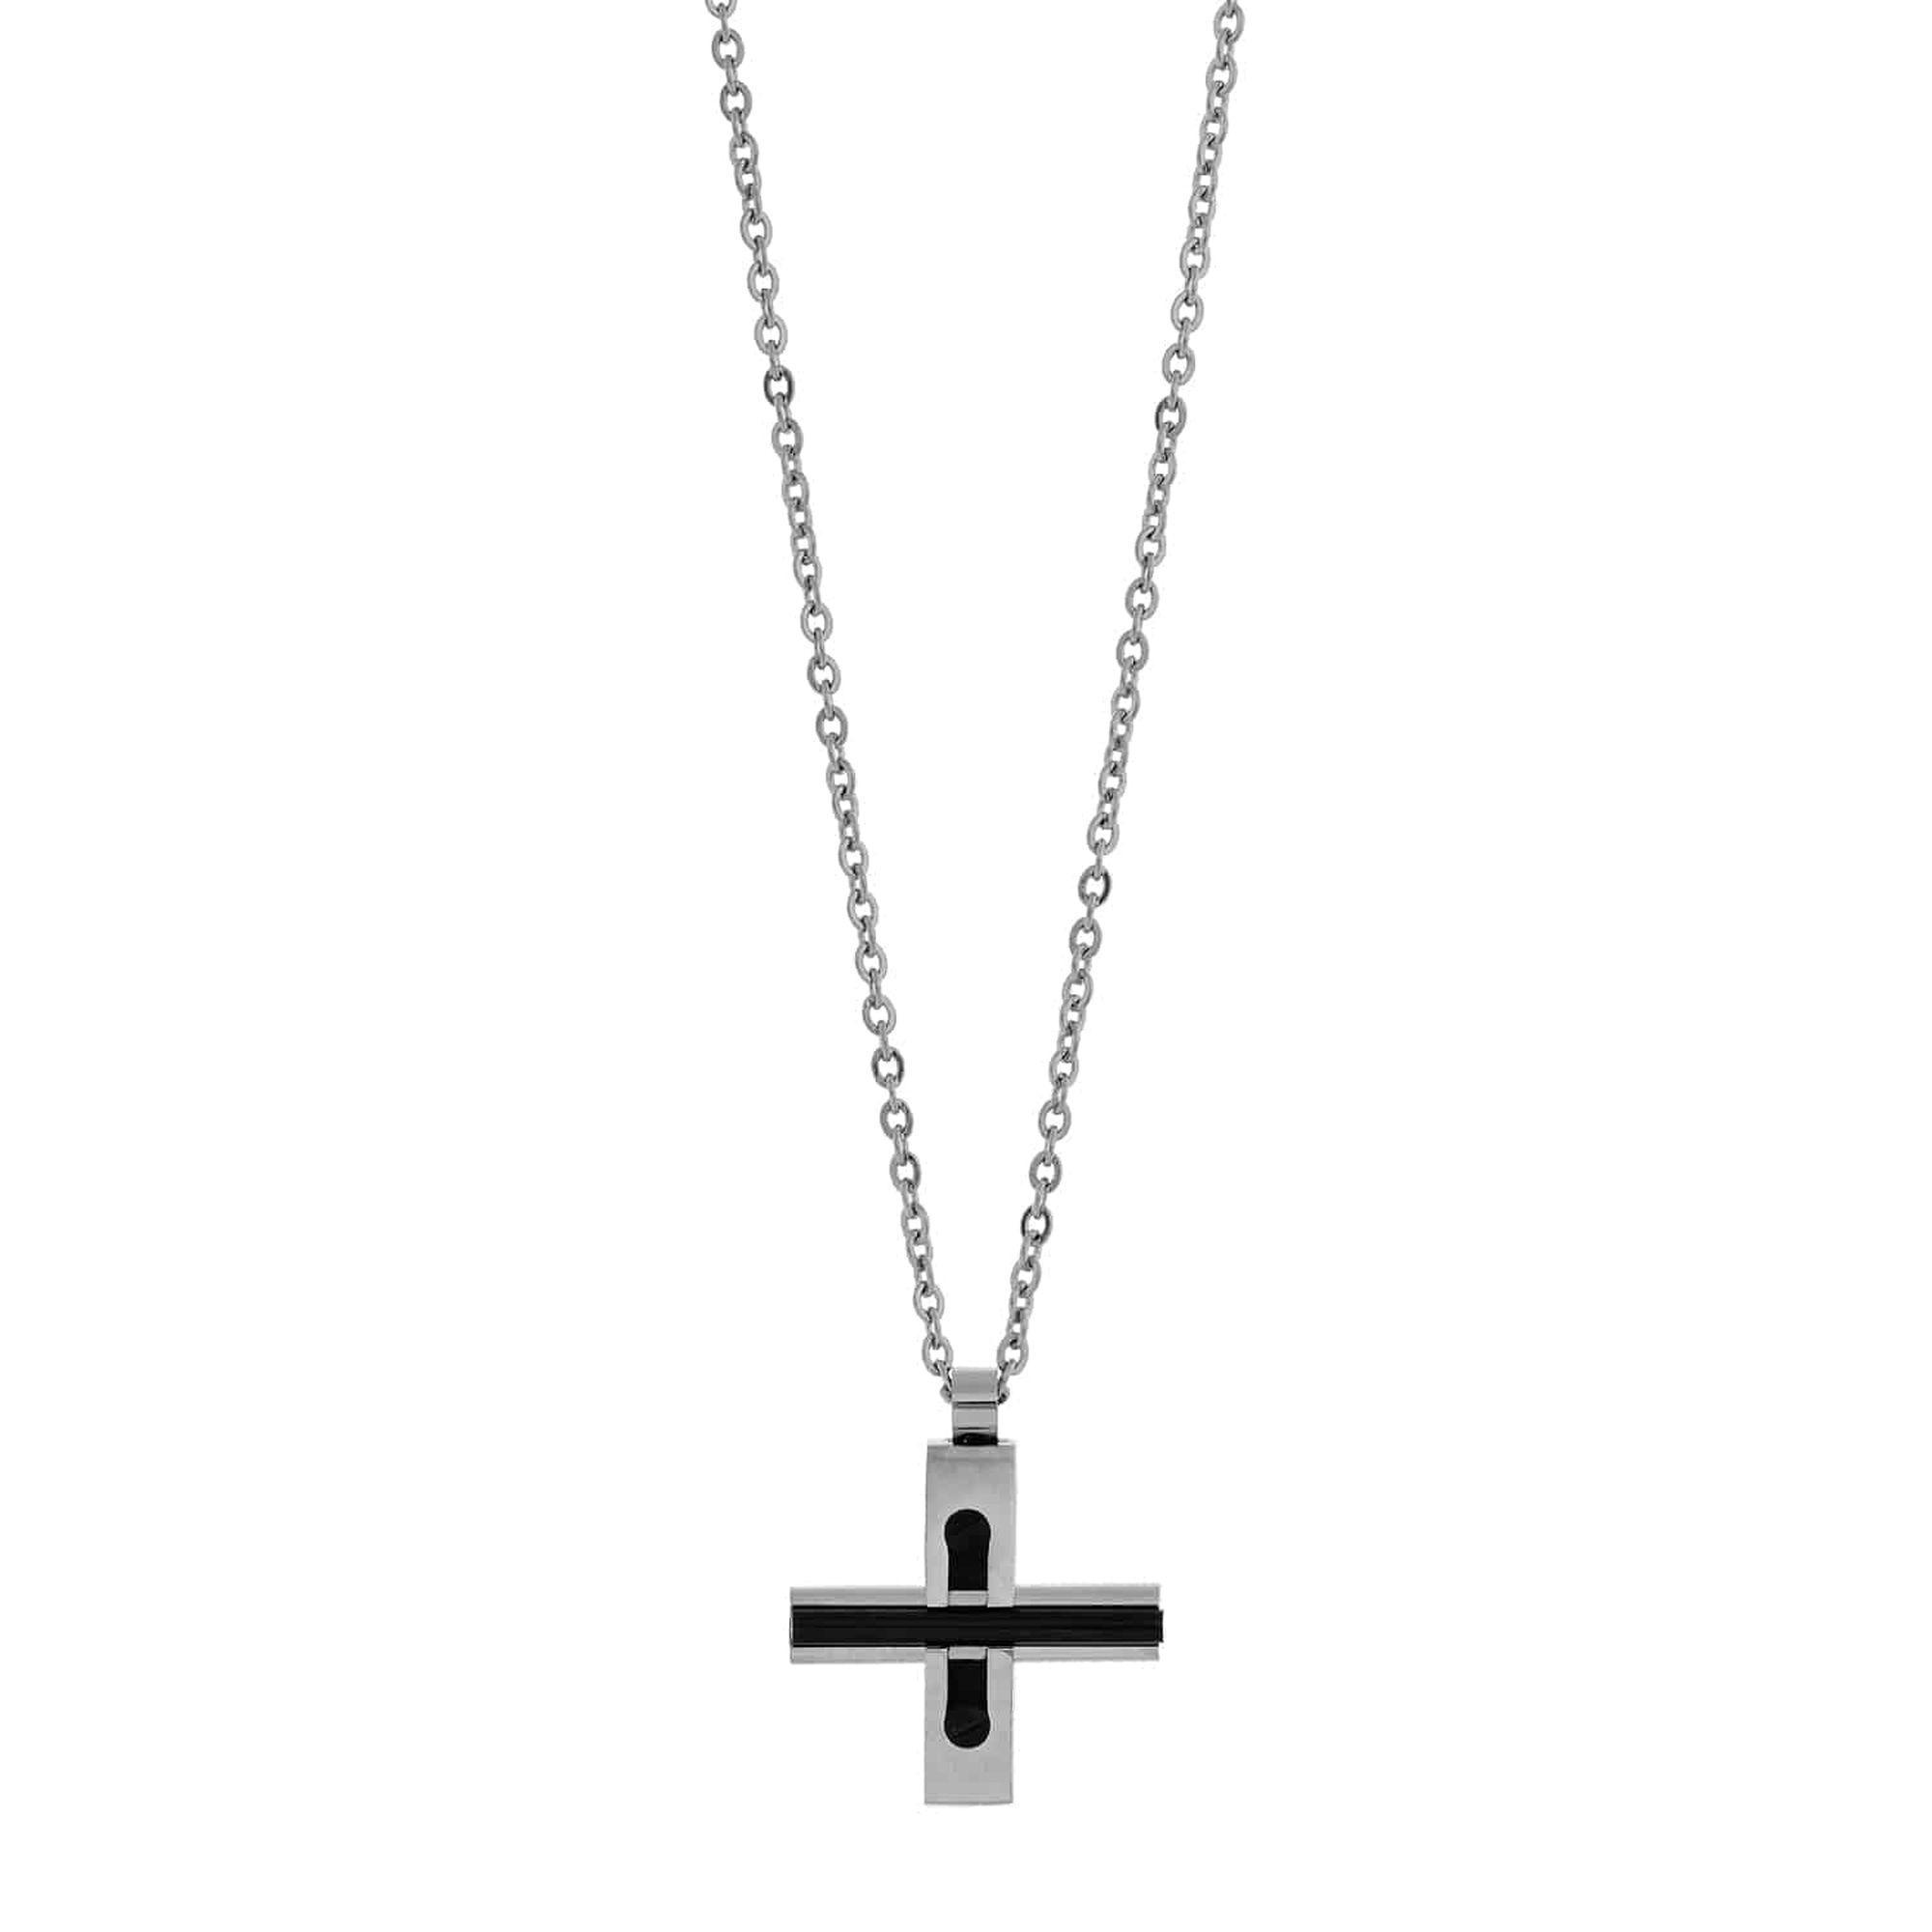 Ανδρικό Κολιέ - Σταυρός Visetti ADKD029 (1)